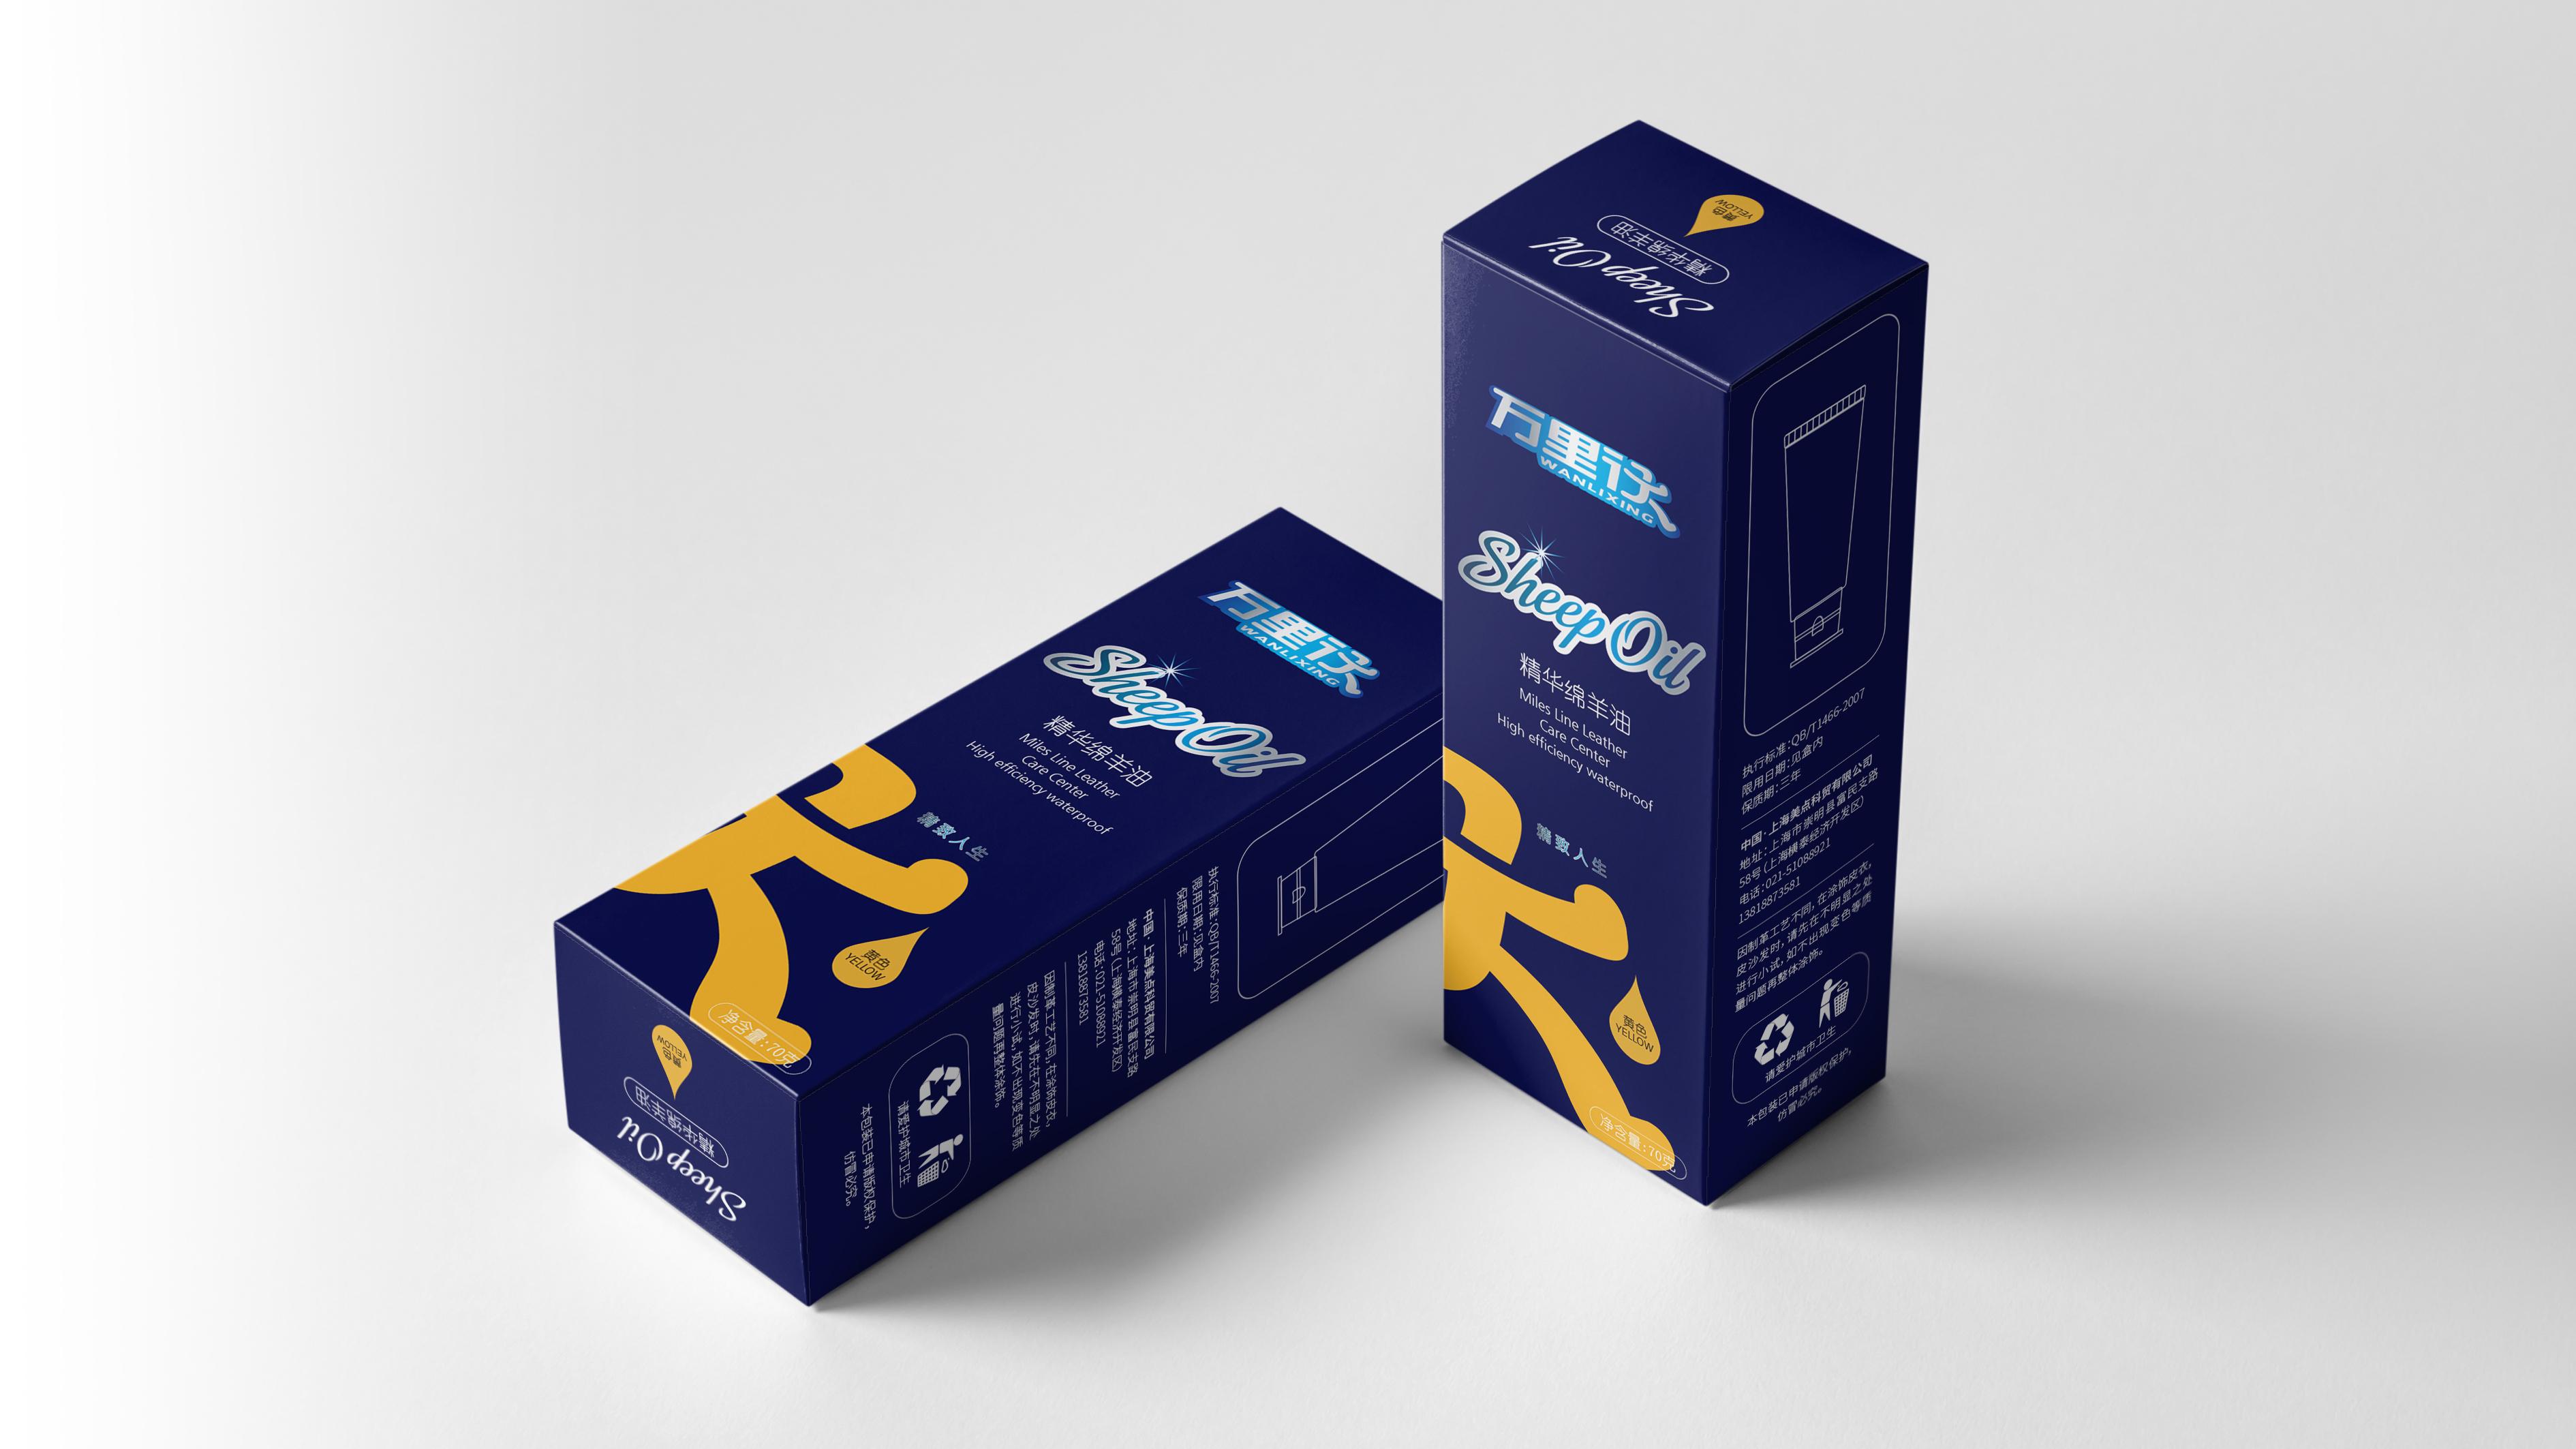 万里行产品包装设计